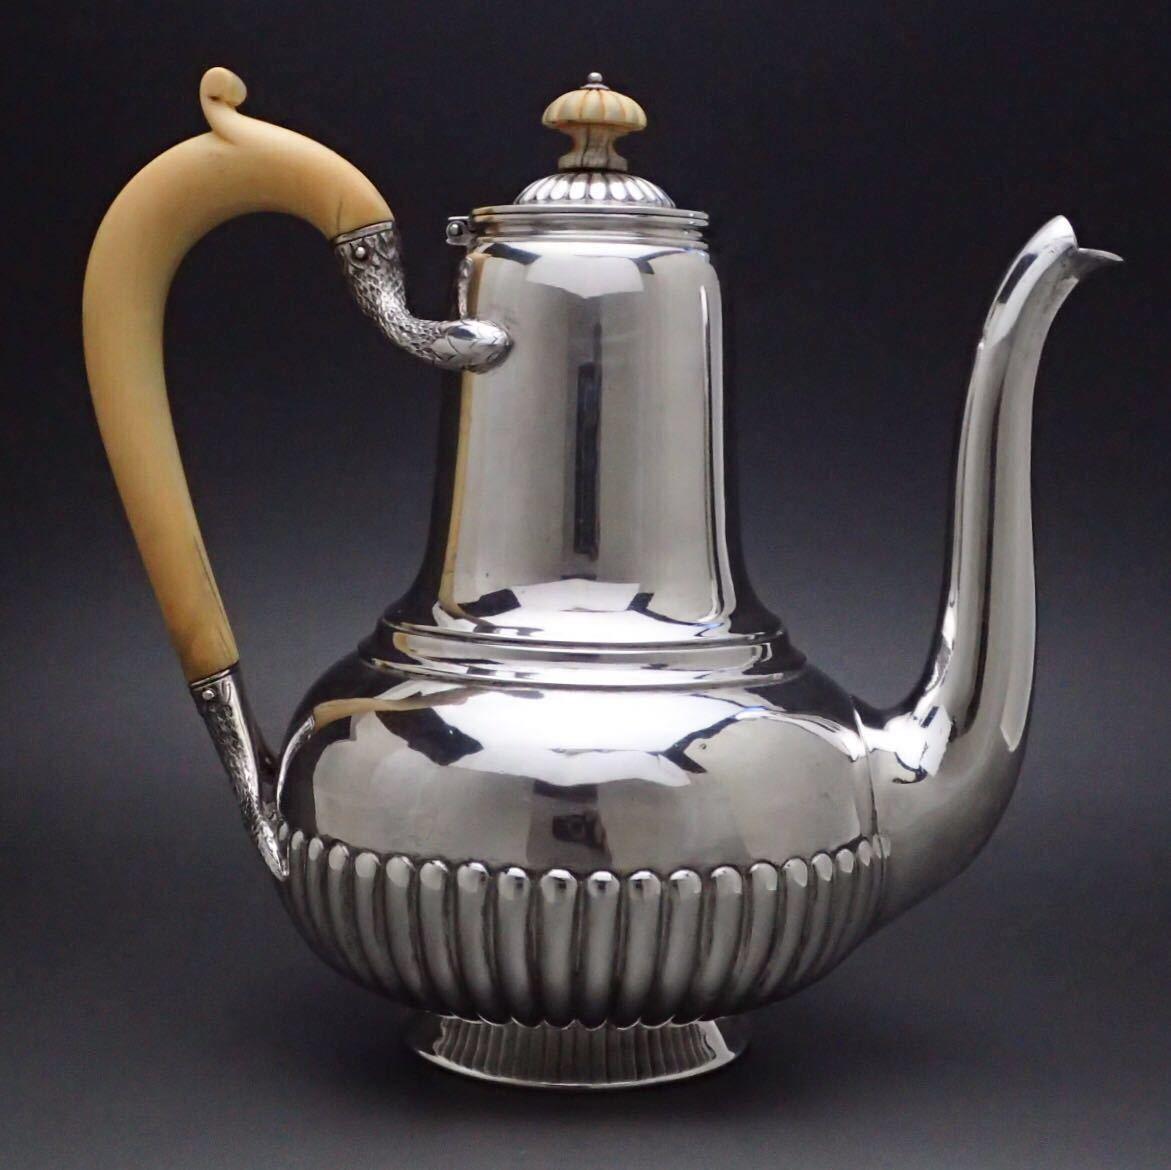 ピュイフォルカを超える唯一の銀細工 ODIOT/オディオ 純銀無垢 コーヒー&ティーポット 1800年代のお品_画像3